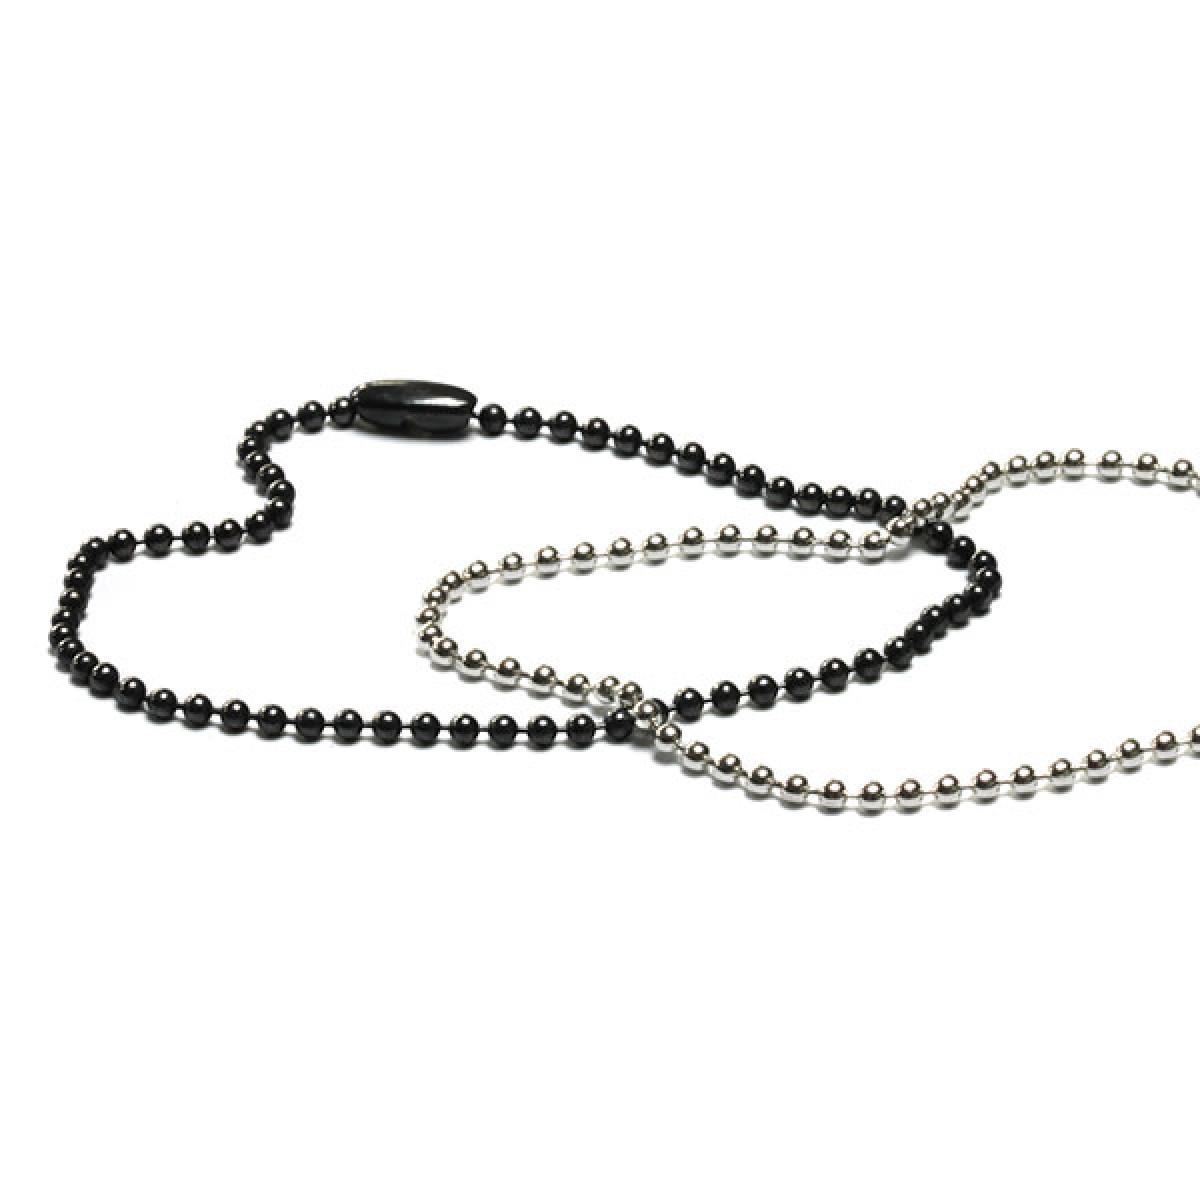 Kugelketten Armband fein in Silber oder Silber geschwärzt